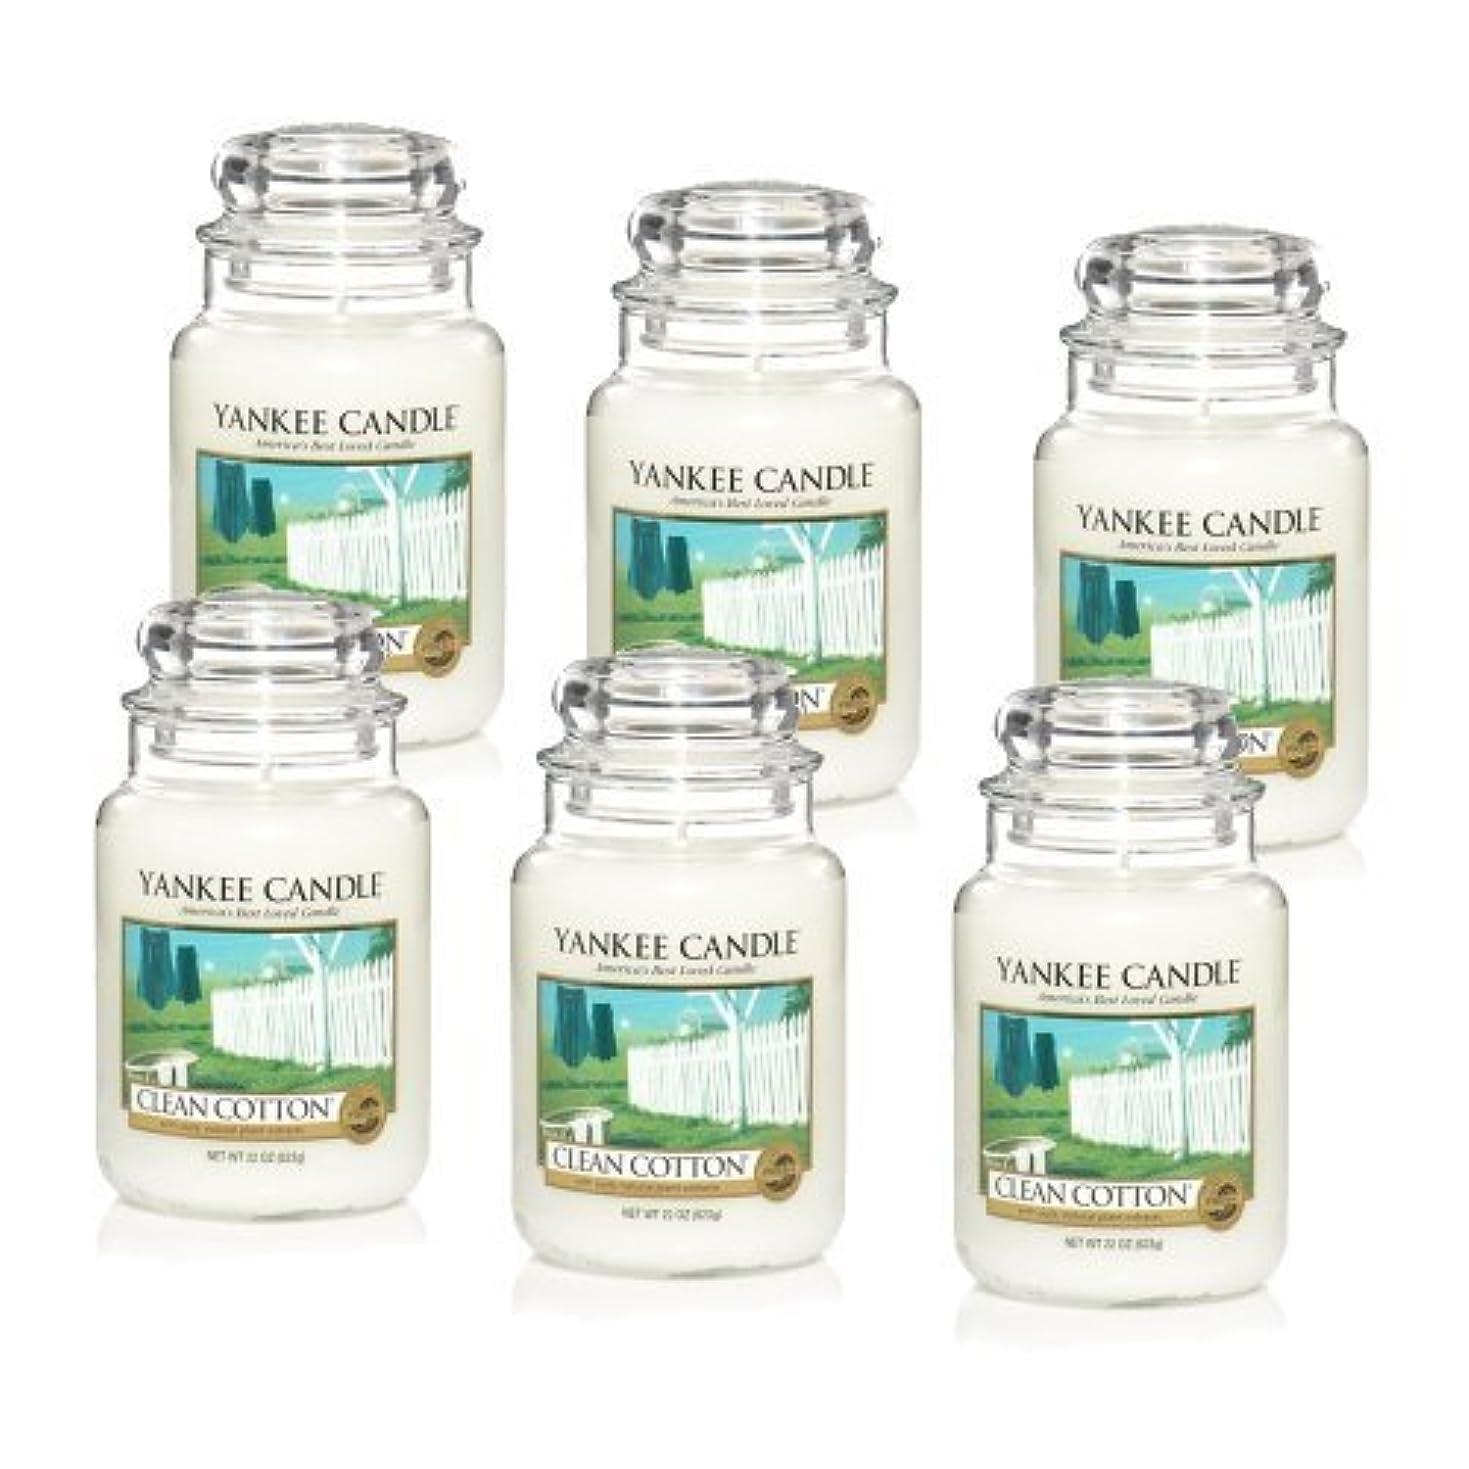 ハウジング起点誘惑Yankee Candle Company Clean Cotton 22-Ounce Jar Candle, Large, Set of 6 by Amazon source [並行輸入品]